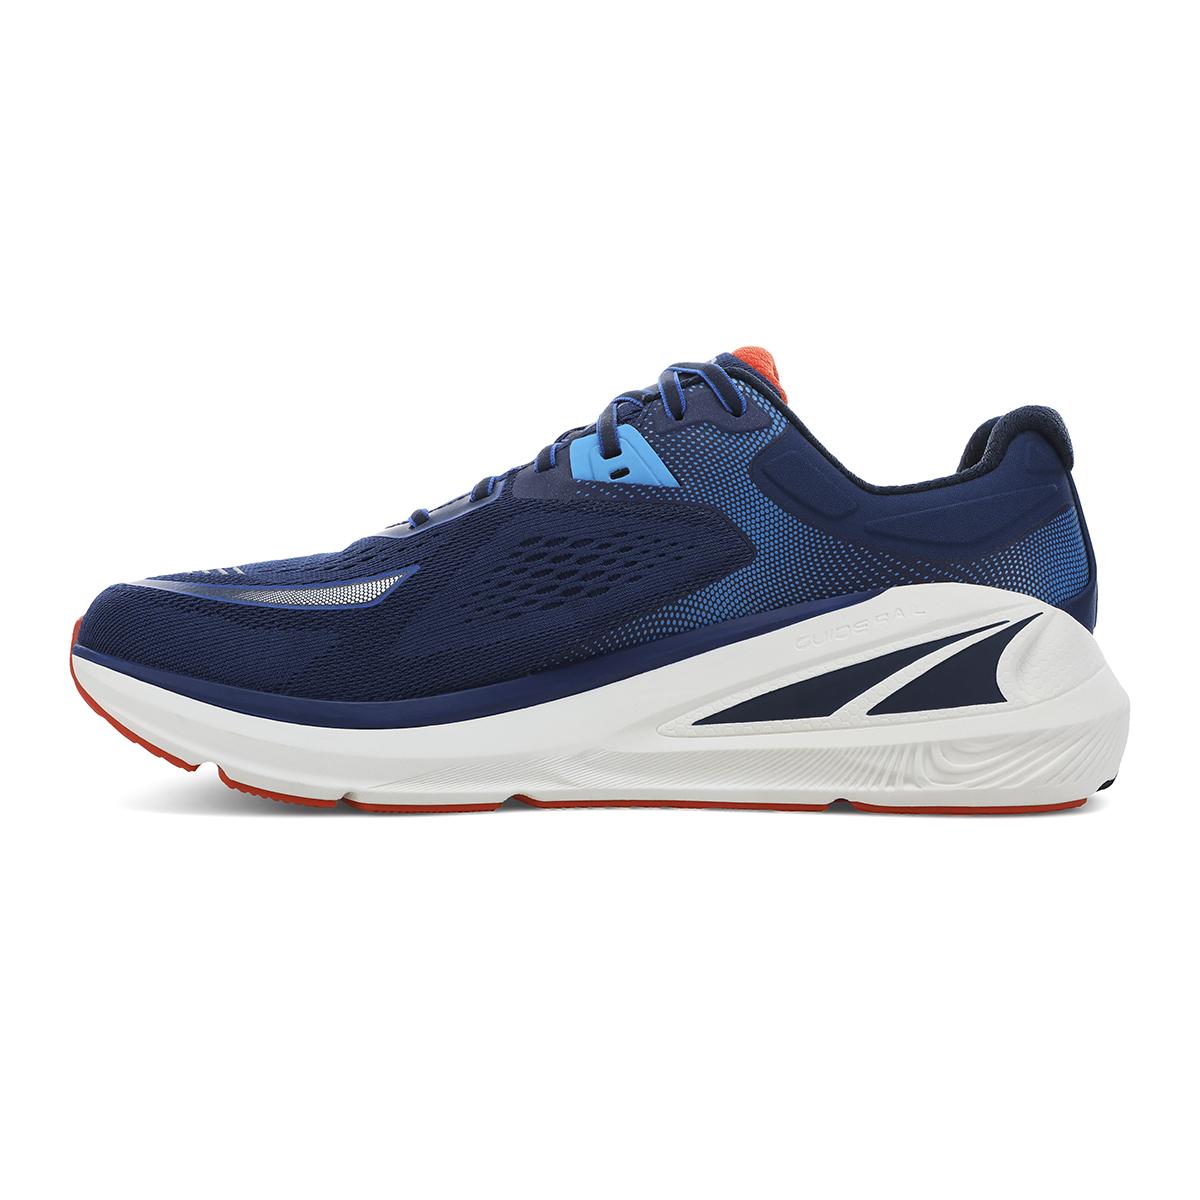 Men's Altra Paradigm 6 Running Shoe - Color: Estate Blue - Size: 7 - Width: Regular, Estate Blue, large, image 2